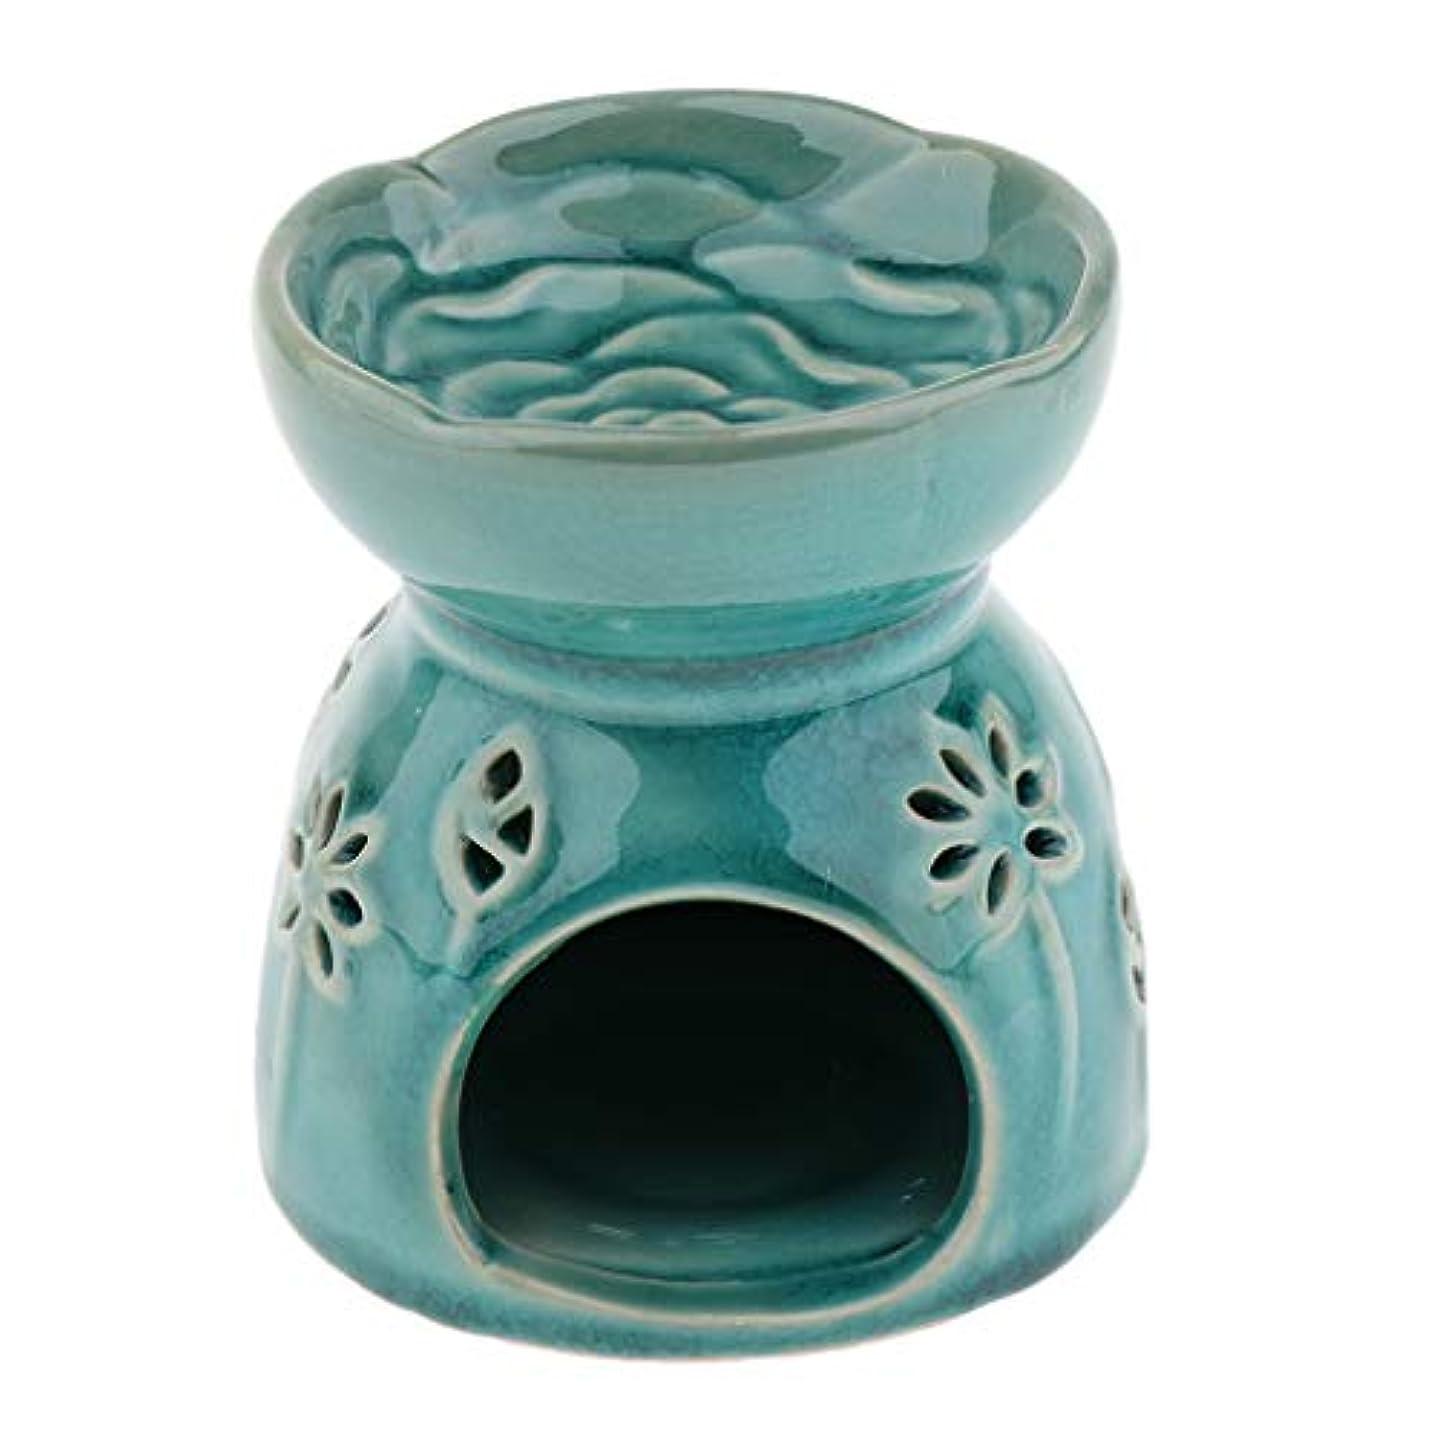 会うハーネス古代全2色 アロマディフューザー エッセンシャルオイルディフューザー バーナー 陶器 置物 インテリア - 青